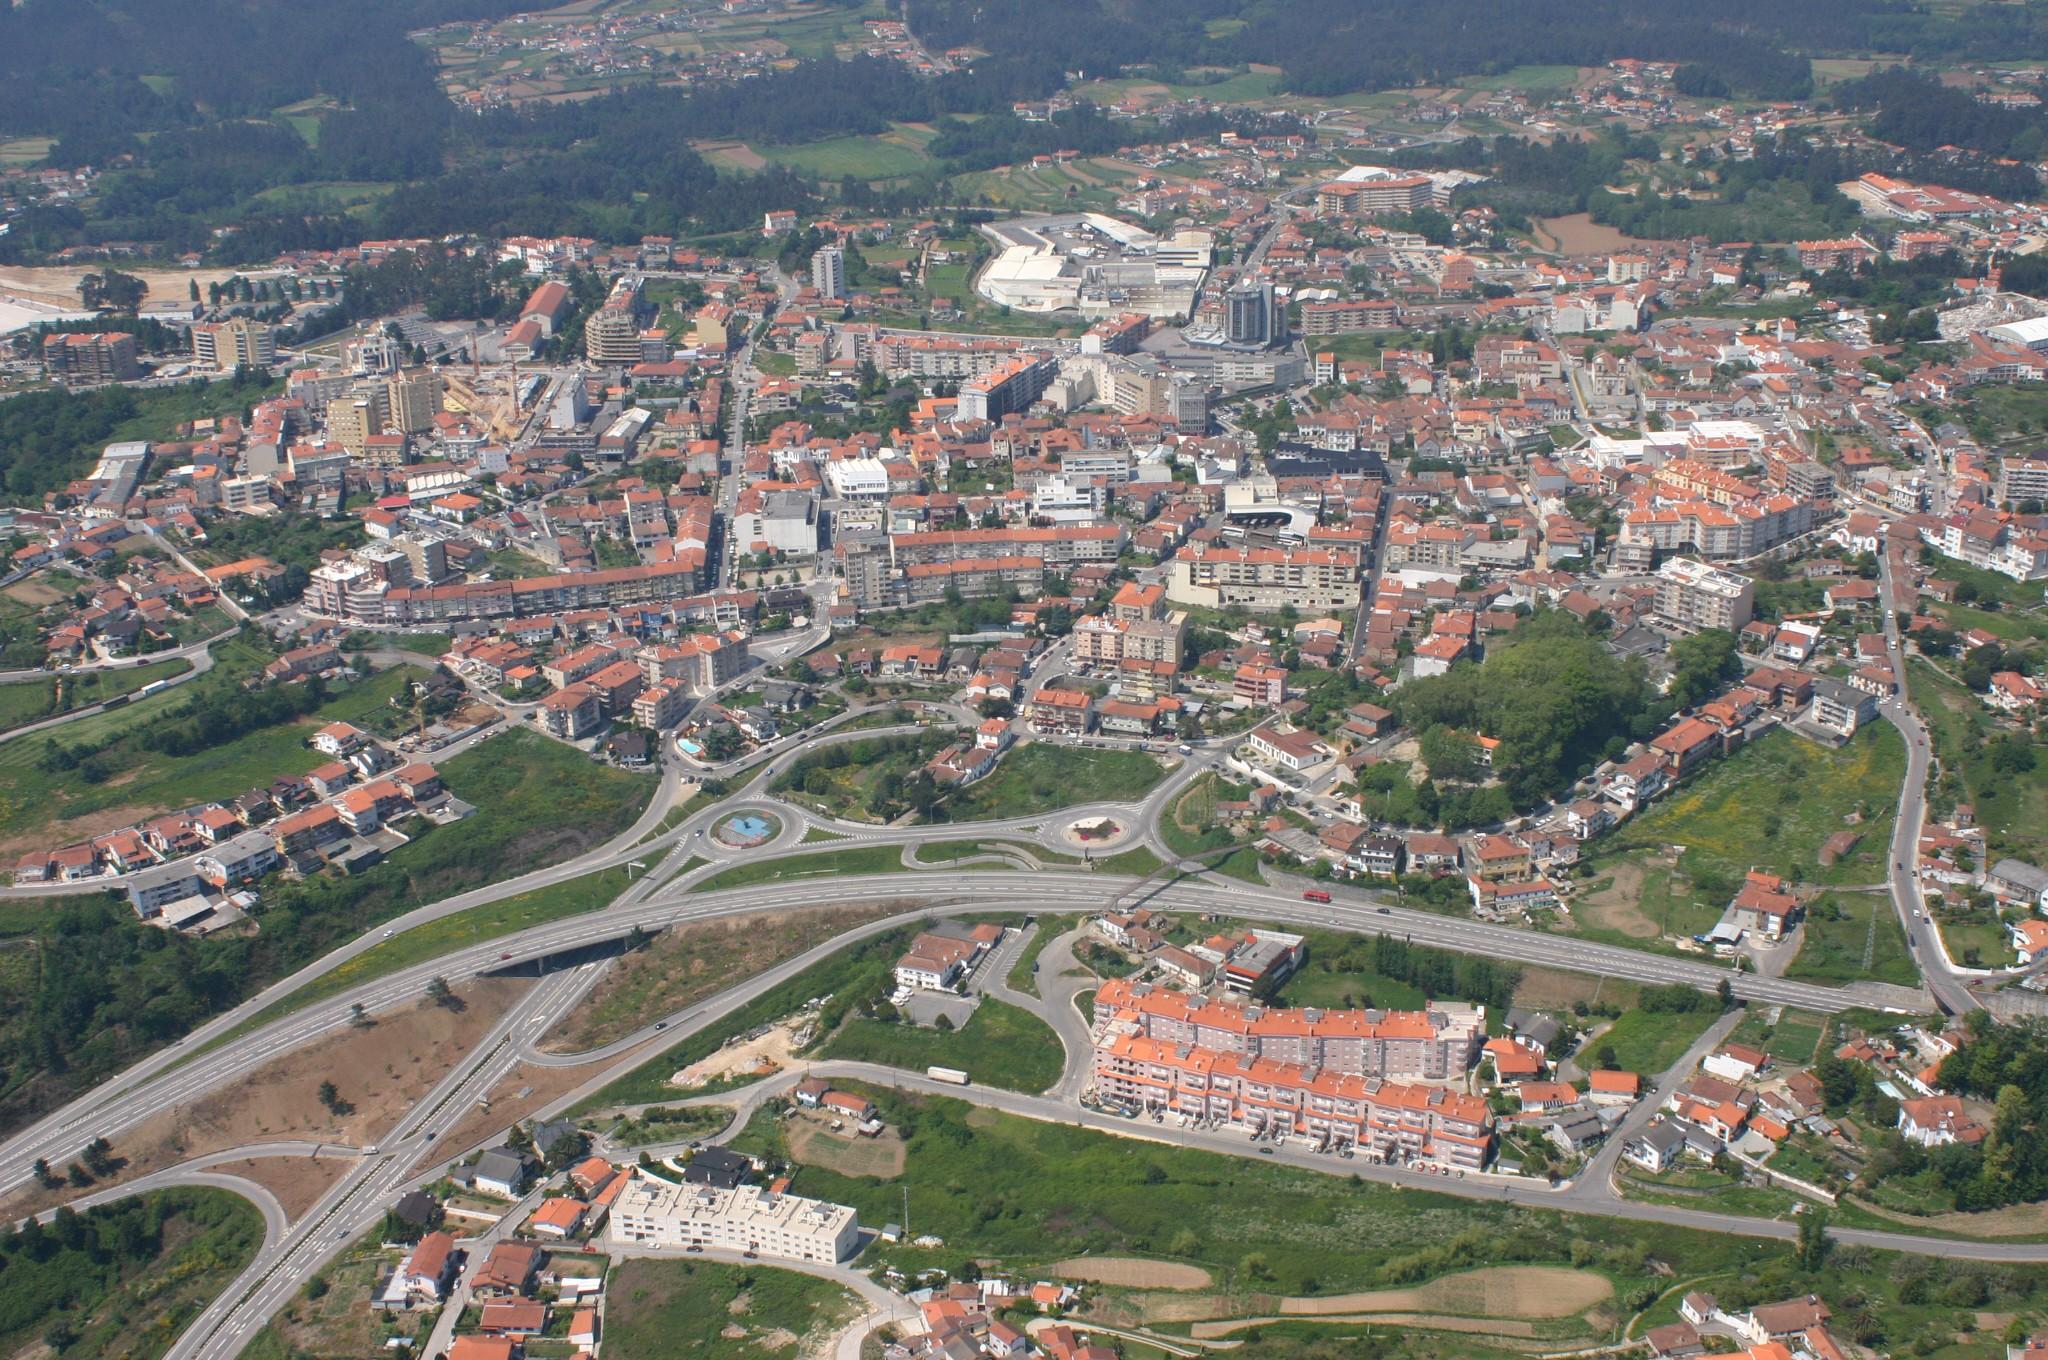 Vista aérea da cidade de Oliveira de Azeméis